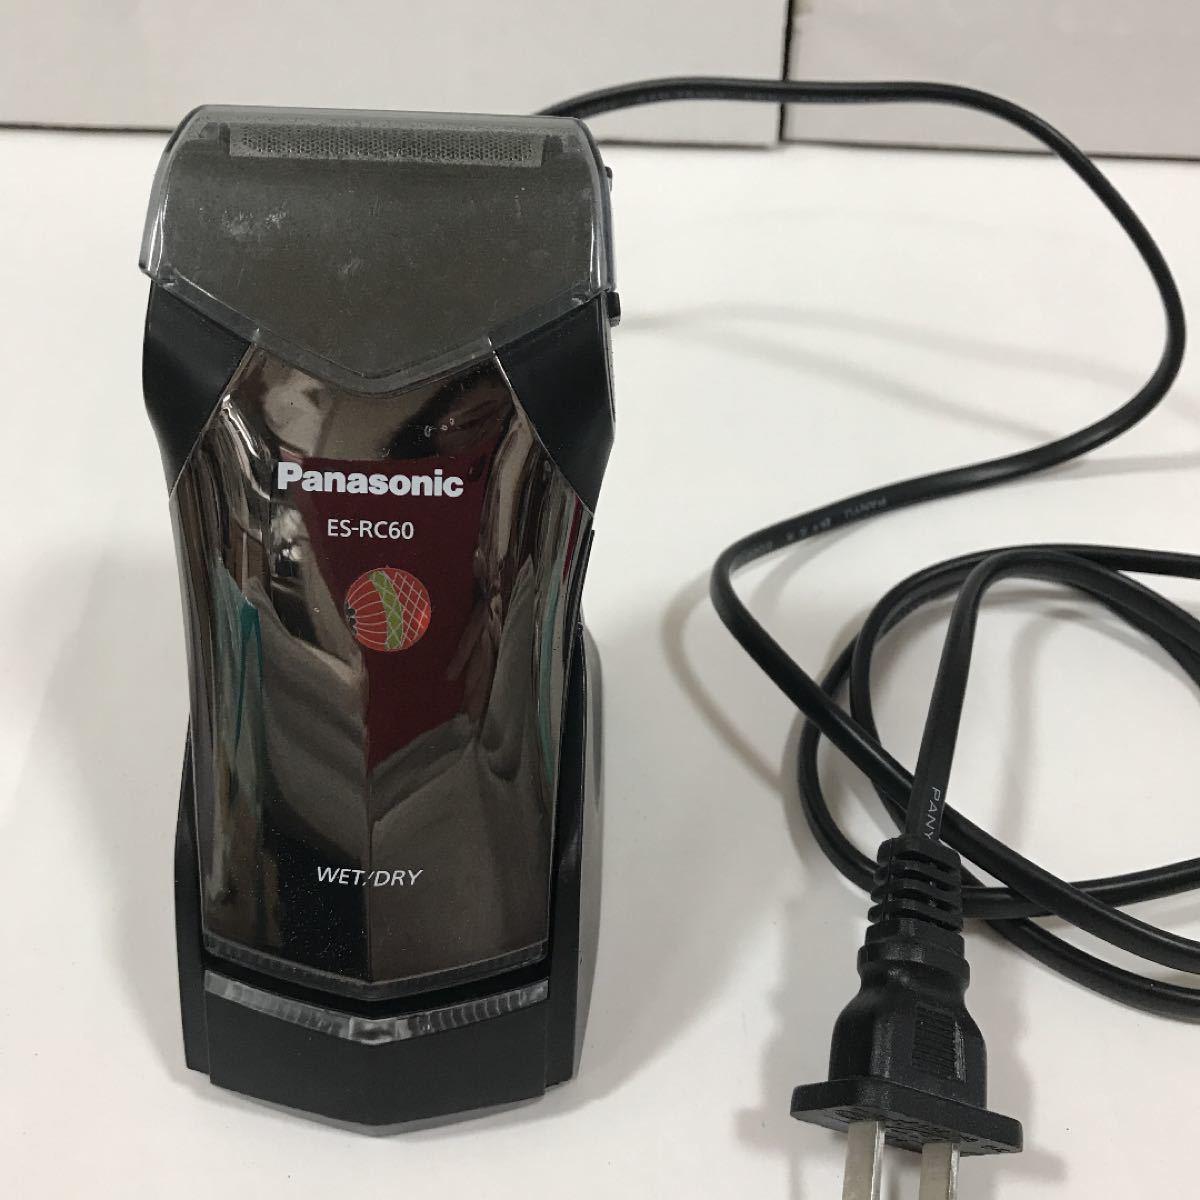 パナソニック Panasonic 電気シェーバー  ESーRC60 海外用